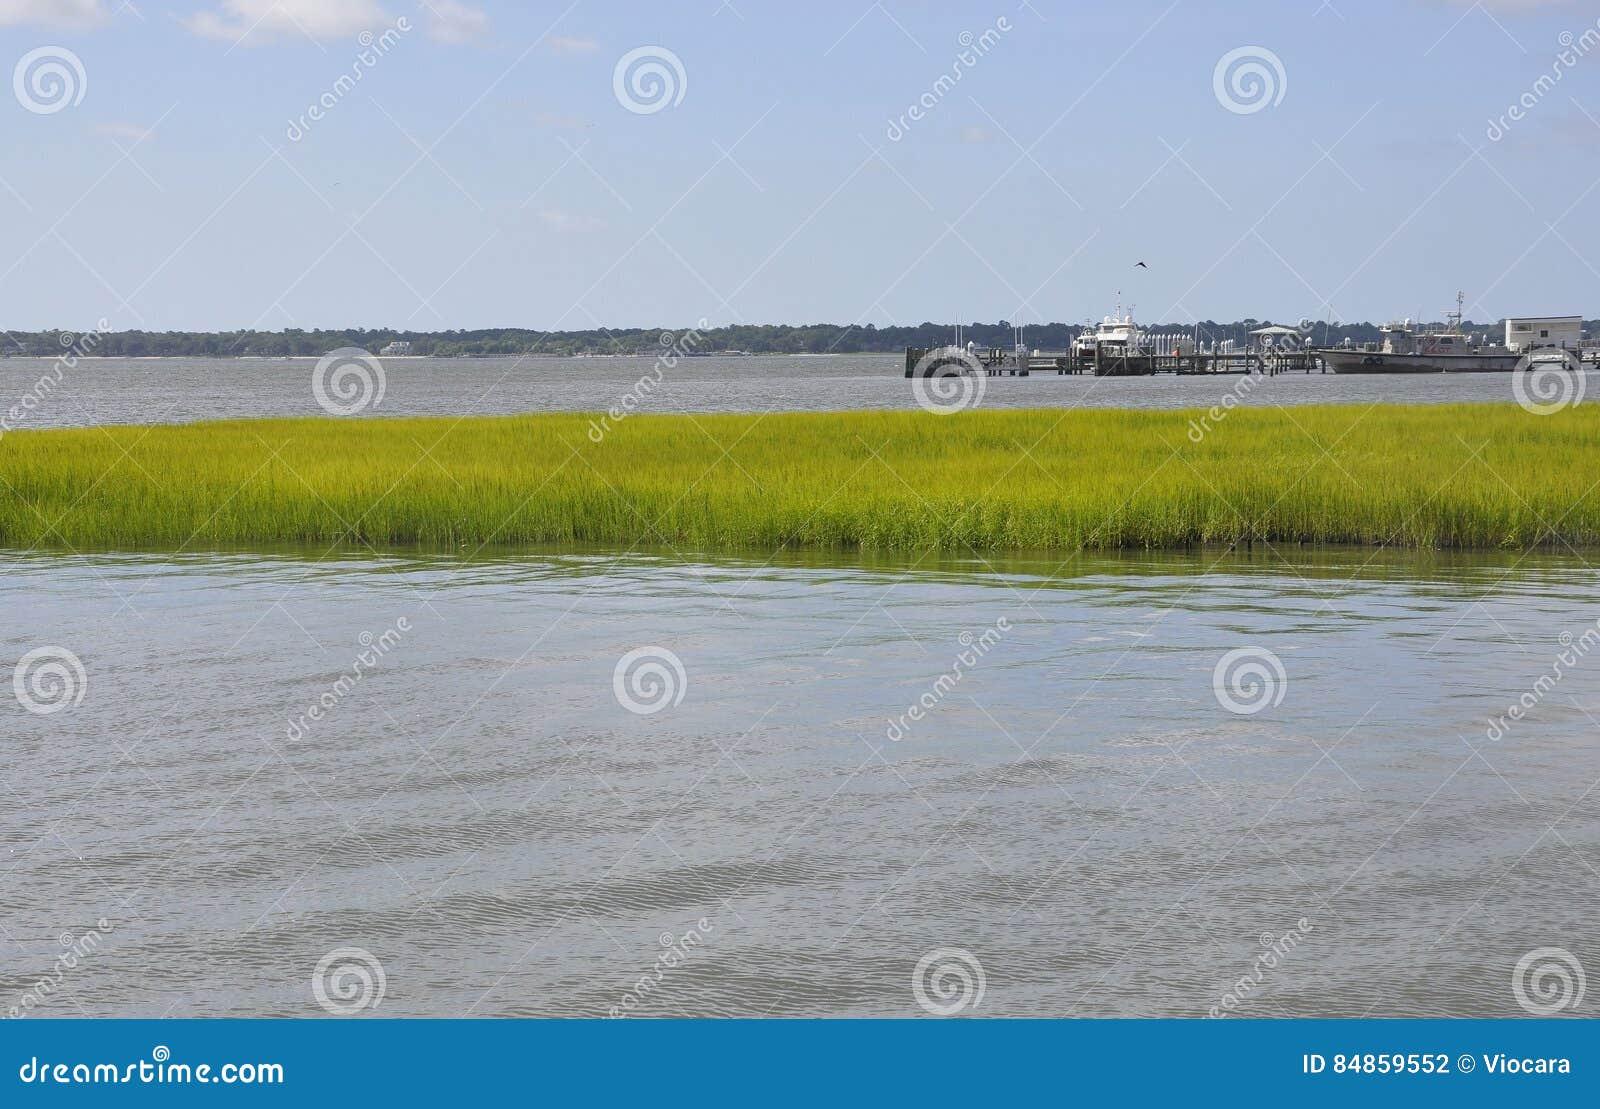 Charleston Sc, am 7. August: Fassbinder River Landscape von Charleston in South Carolina